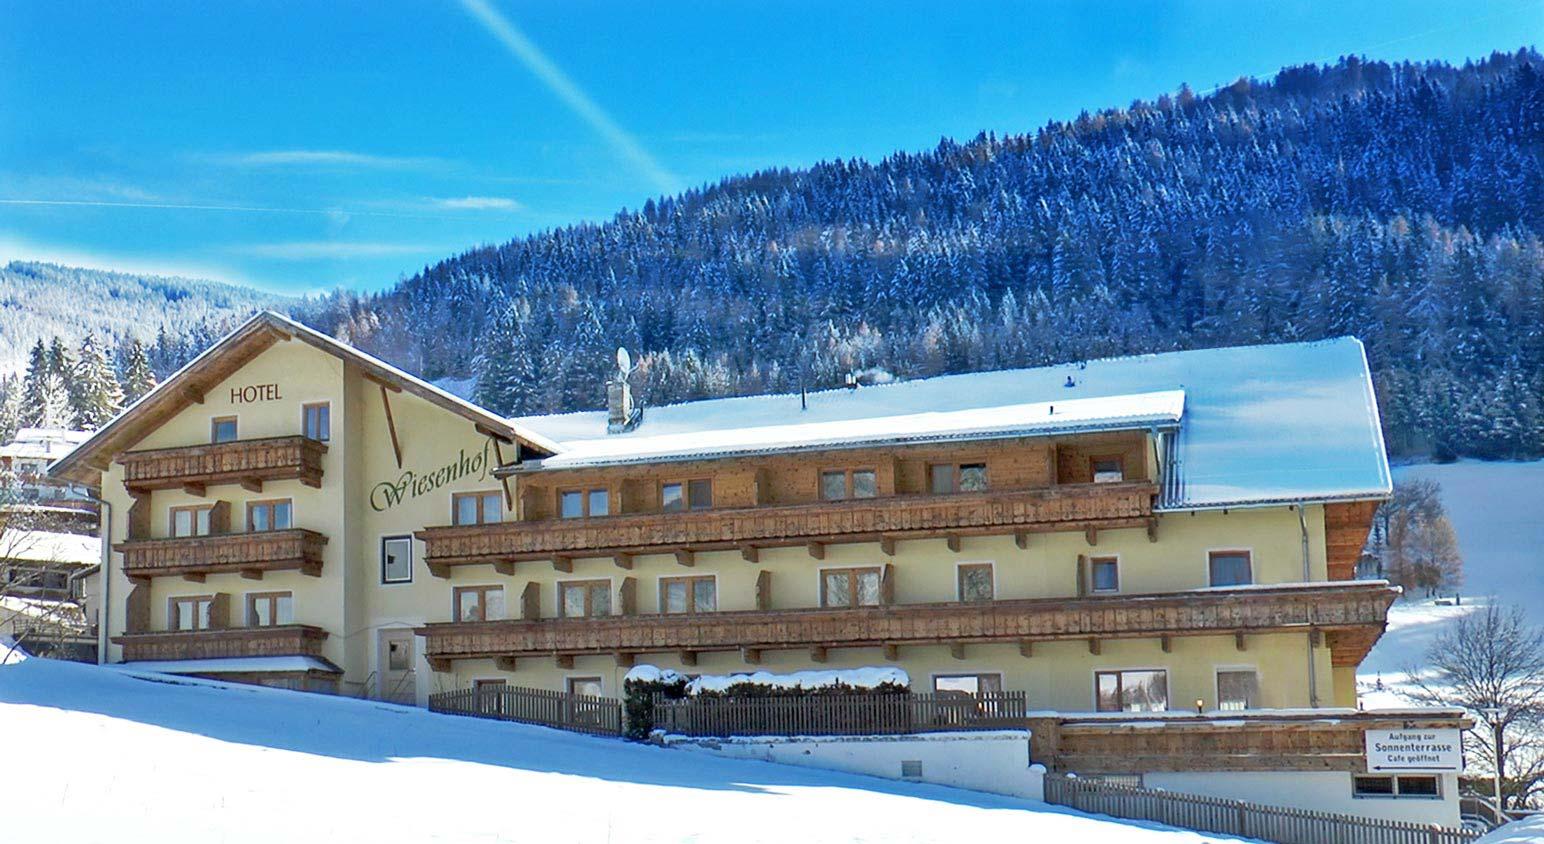 Hotel Wiesenhof Mieders